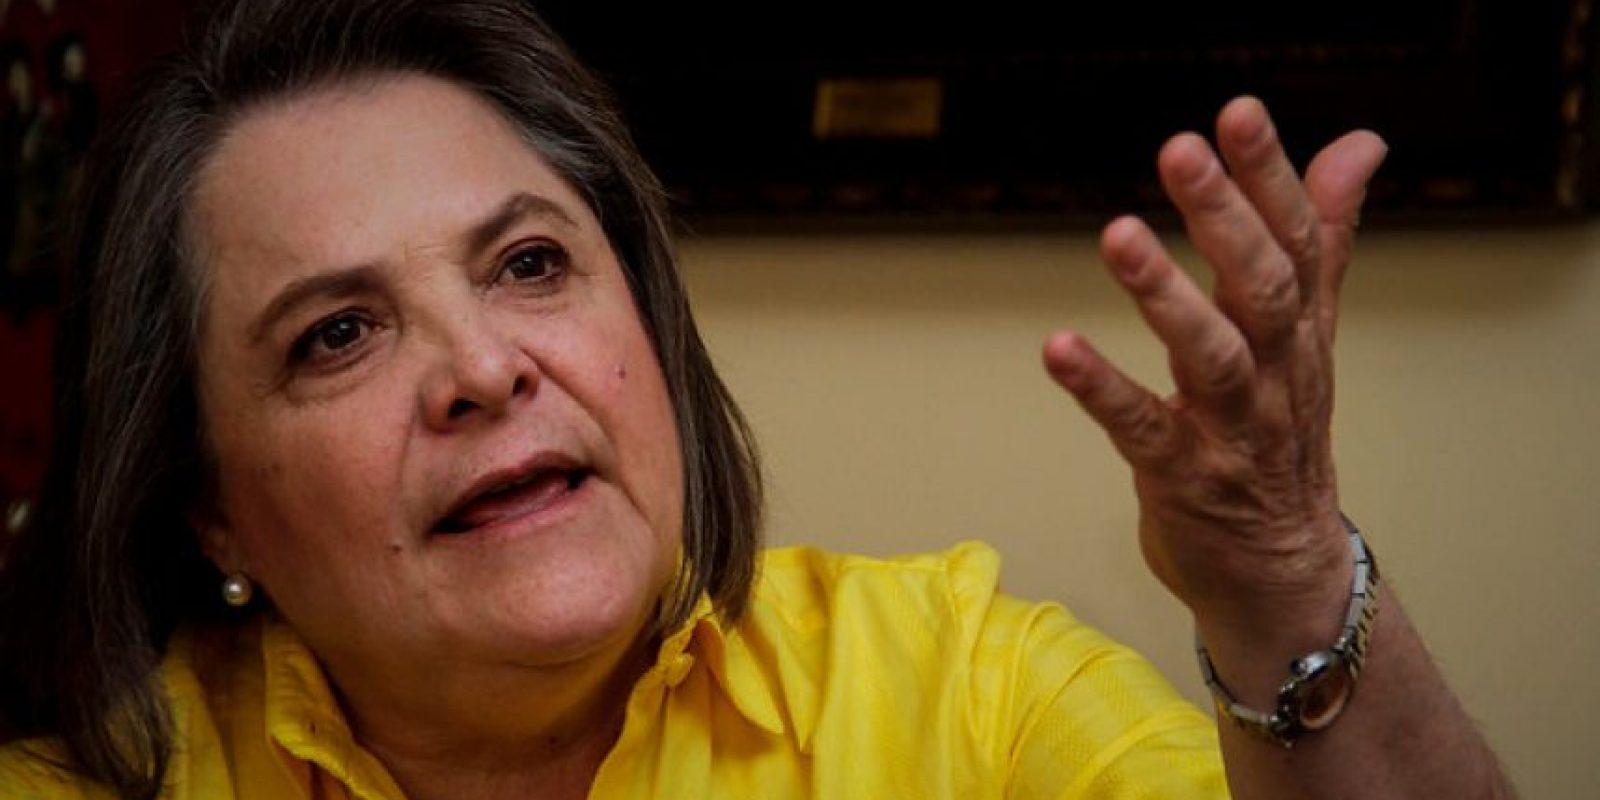 . Imagen Por: Clara López, ministra de Trabajo, dirigirá la negociación del aumento del salario mínimo. Imagen: Archivo Publimetro